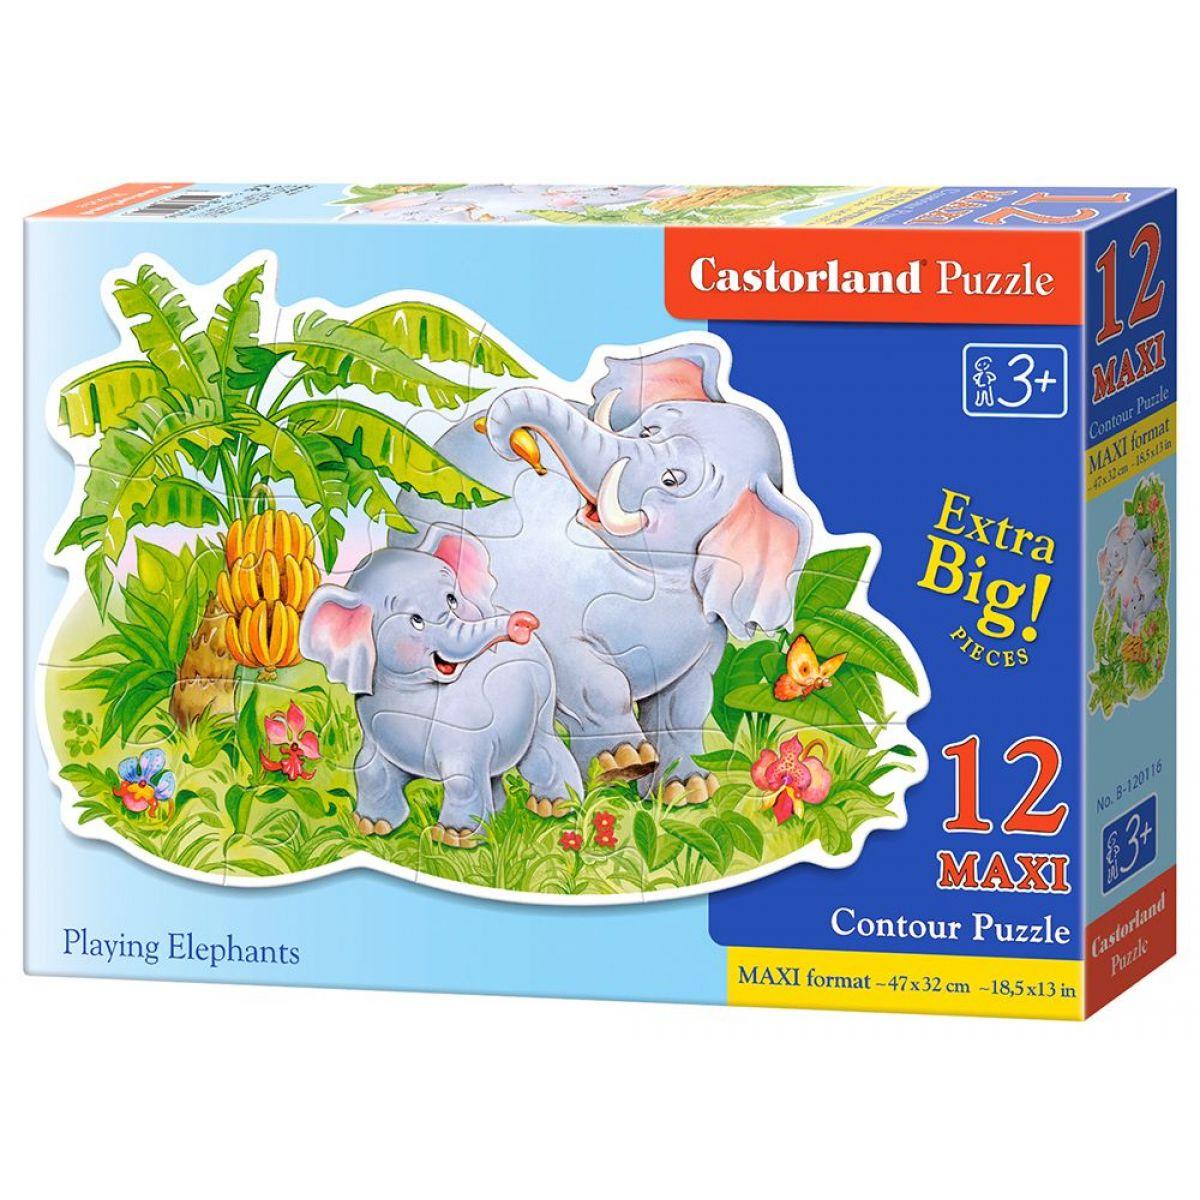 Castorland Puzzle 12 Maxi Slony